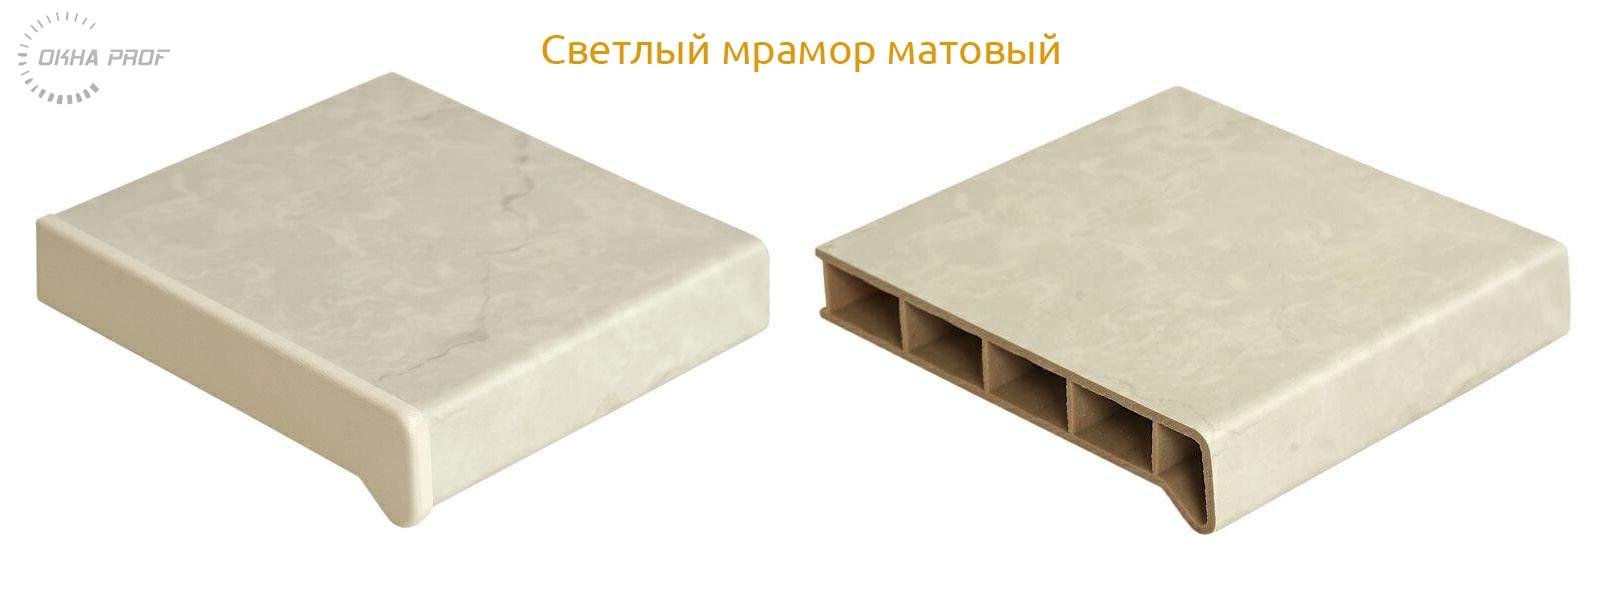 podokonnik-decor-donetsk-oknaprof-moeller-006